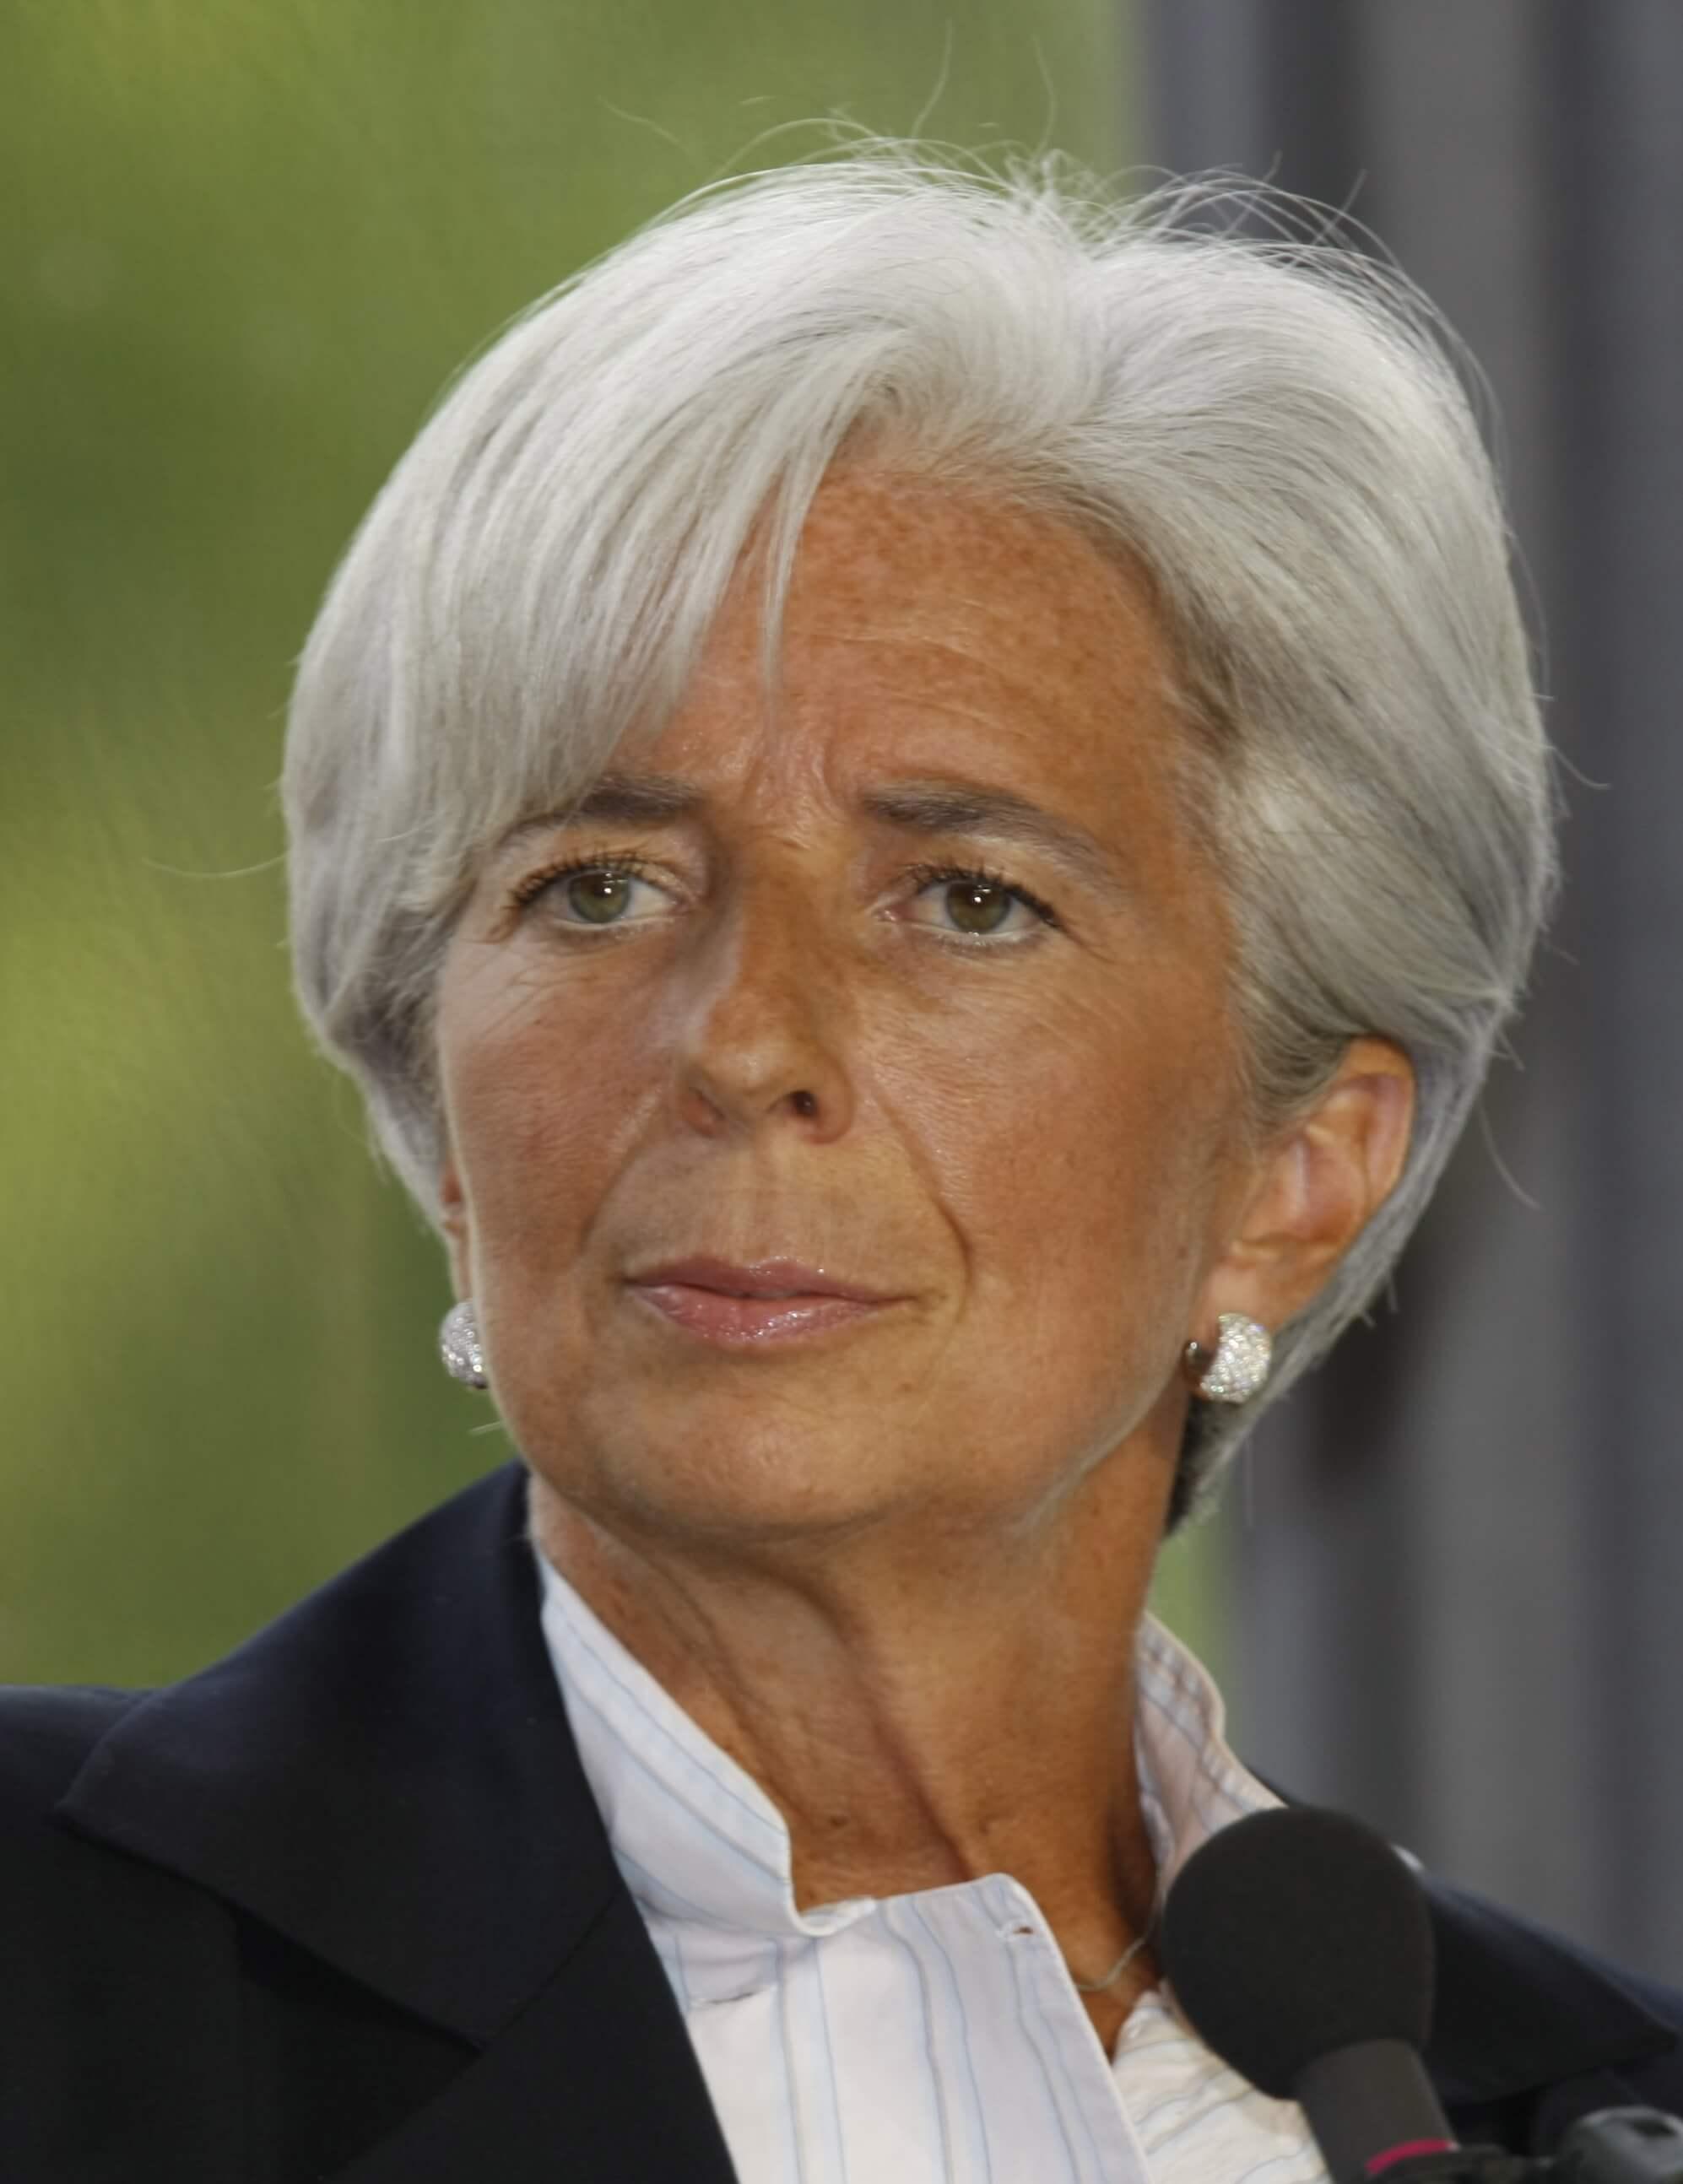 Grexit wird laut Lagarde immer wahrscheinlicher